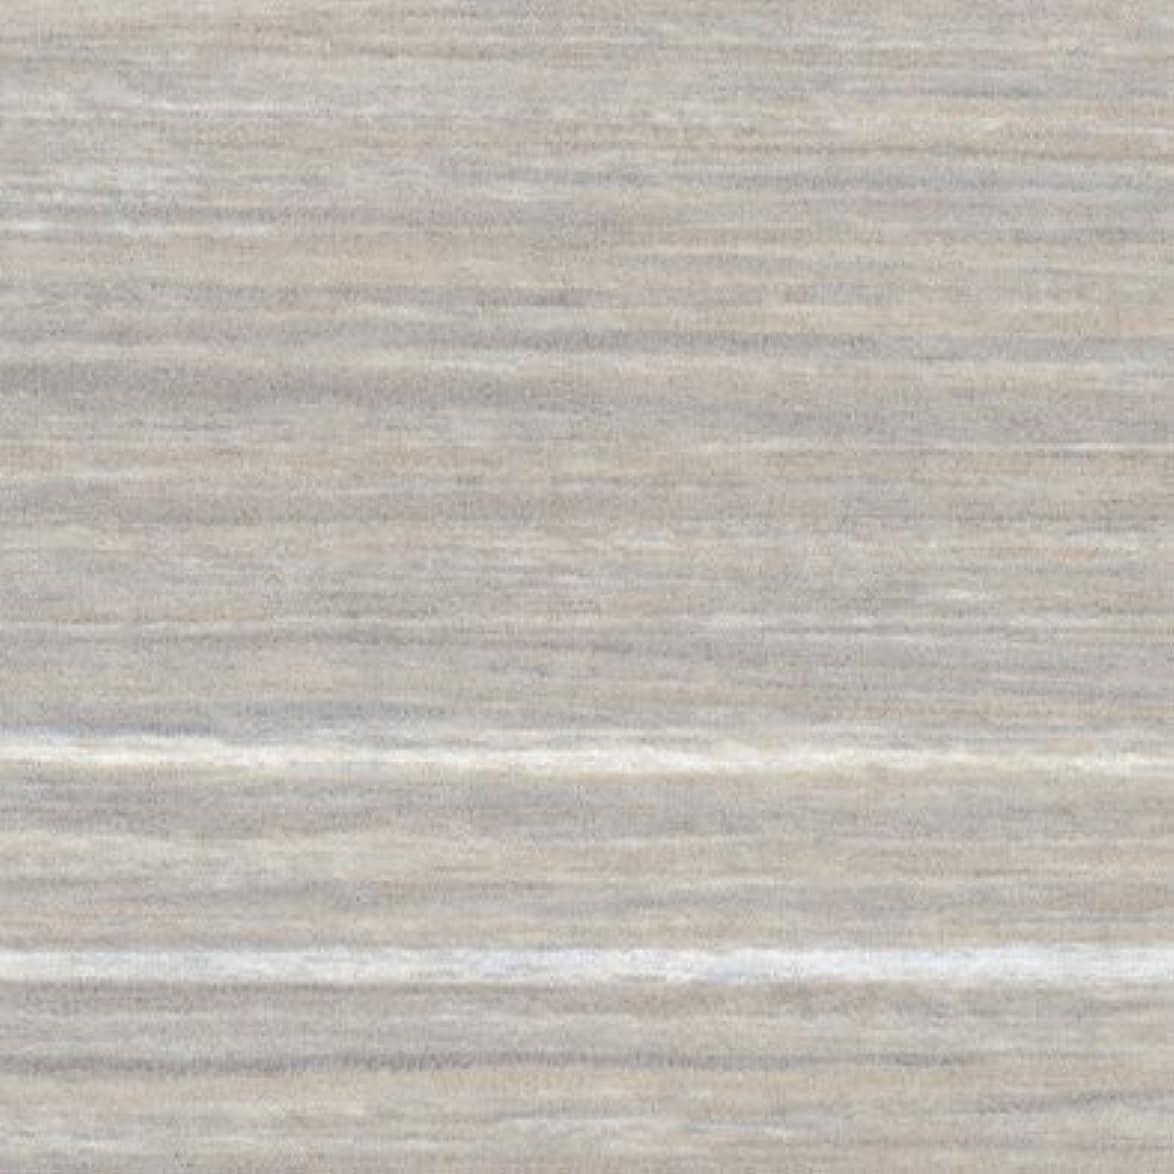 湿気の多い文献ウイルスメラミン化粧板 木目(ヨコ木目) JI-2580K 4x8 木目調 ヨコ柾目